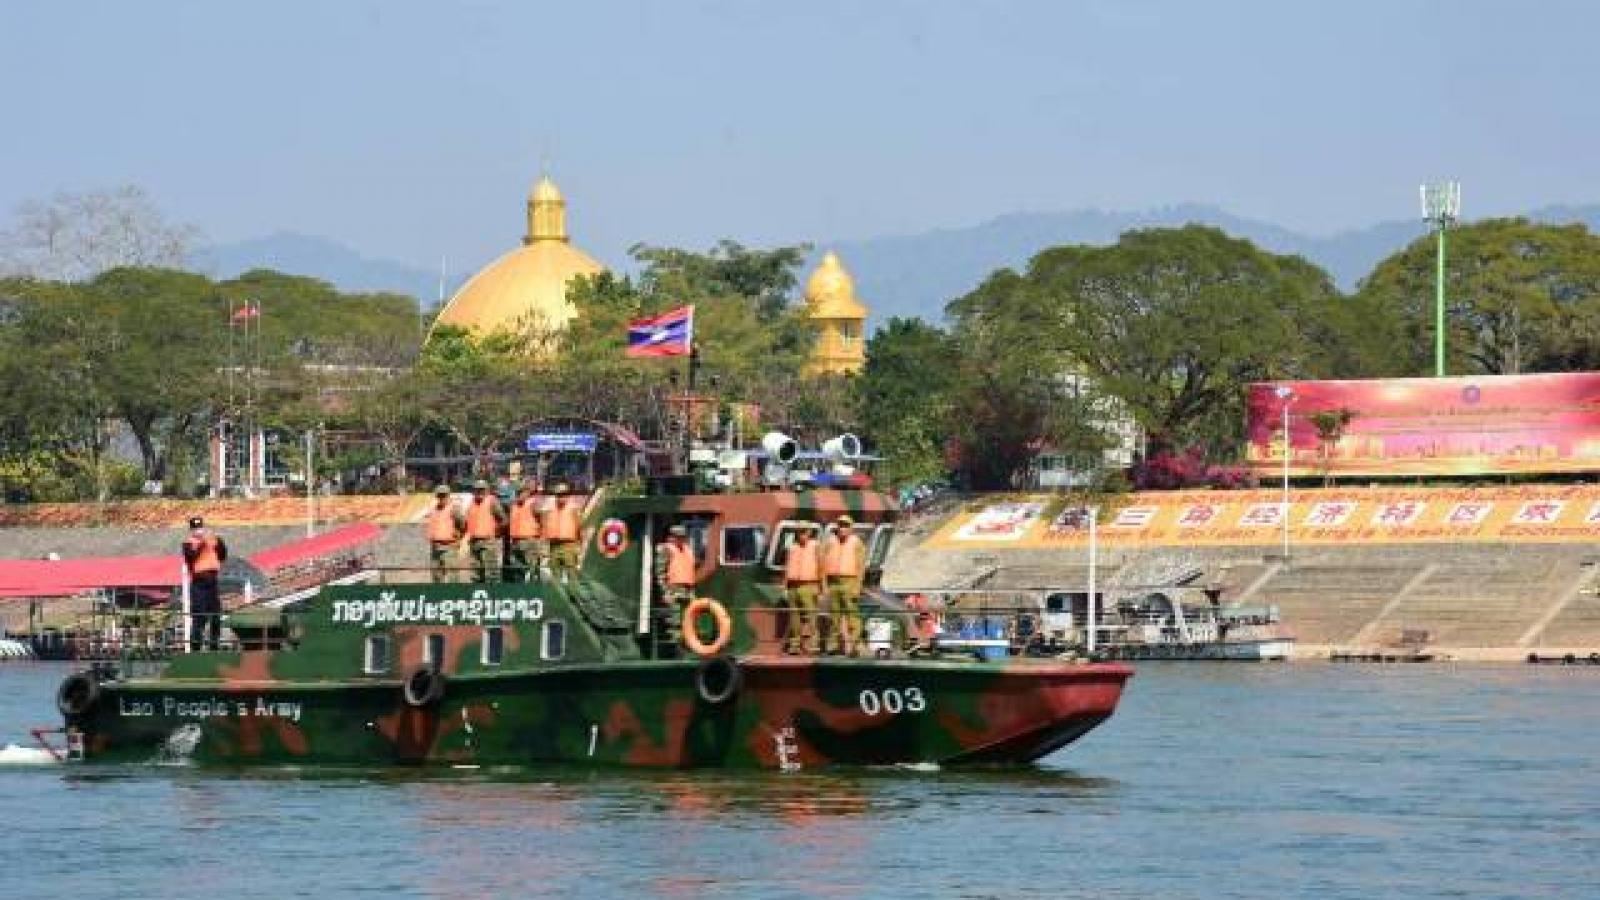 Lào không xử phạt lao động bất hợp pháp về nước để ngăn chặn Covid-19 lây lan